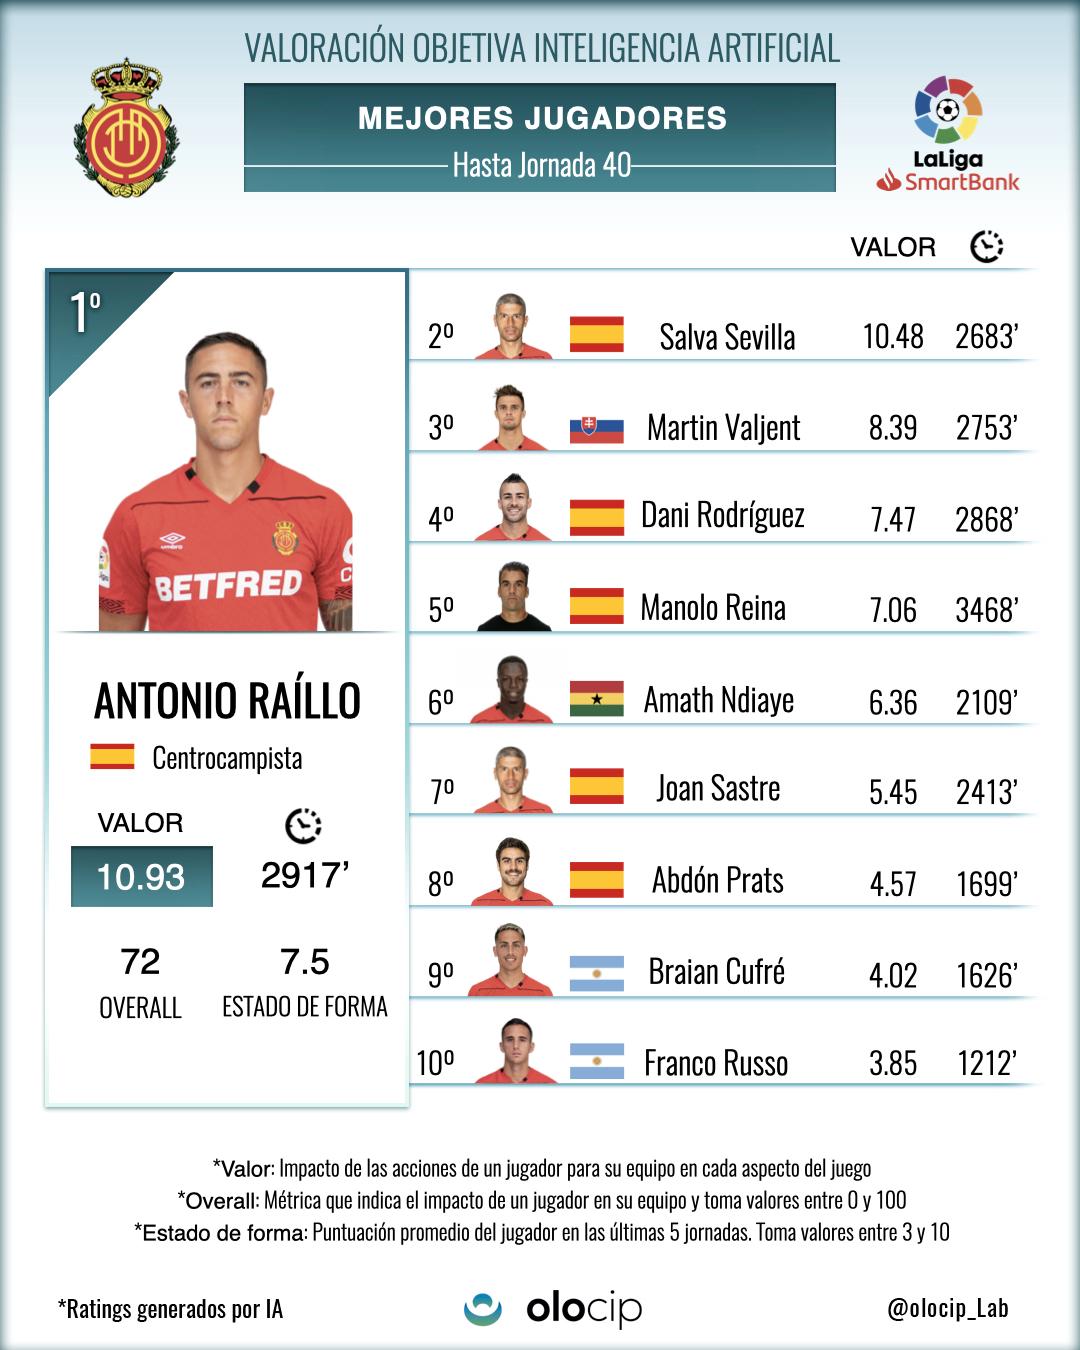 *Top 10 de jugadores del Mallorca que más valor han aportado al equipo en 40 jornadas